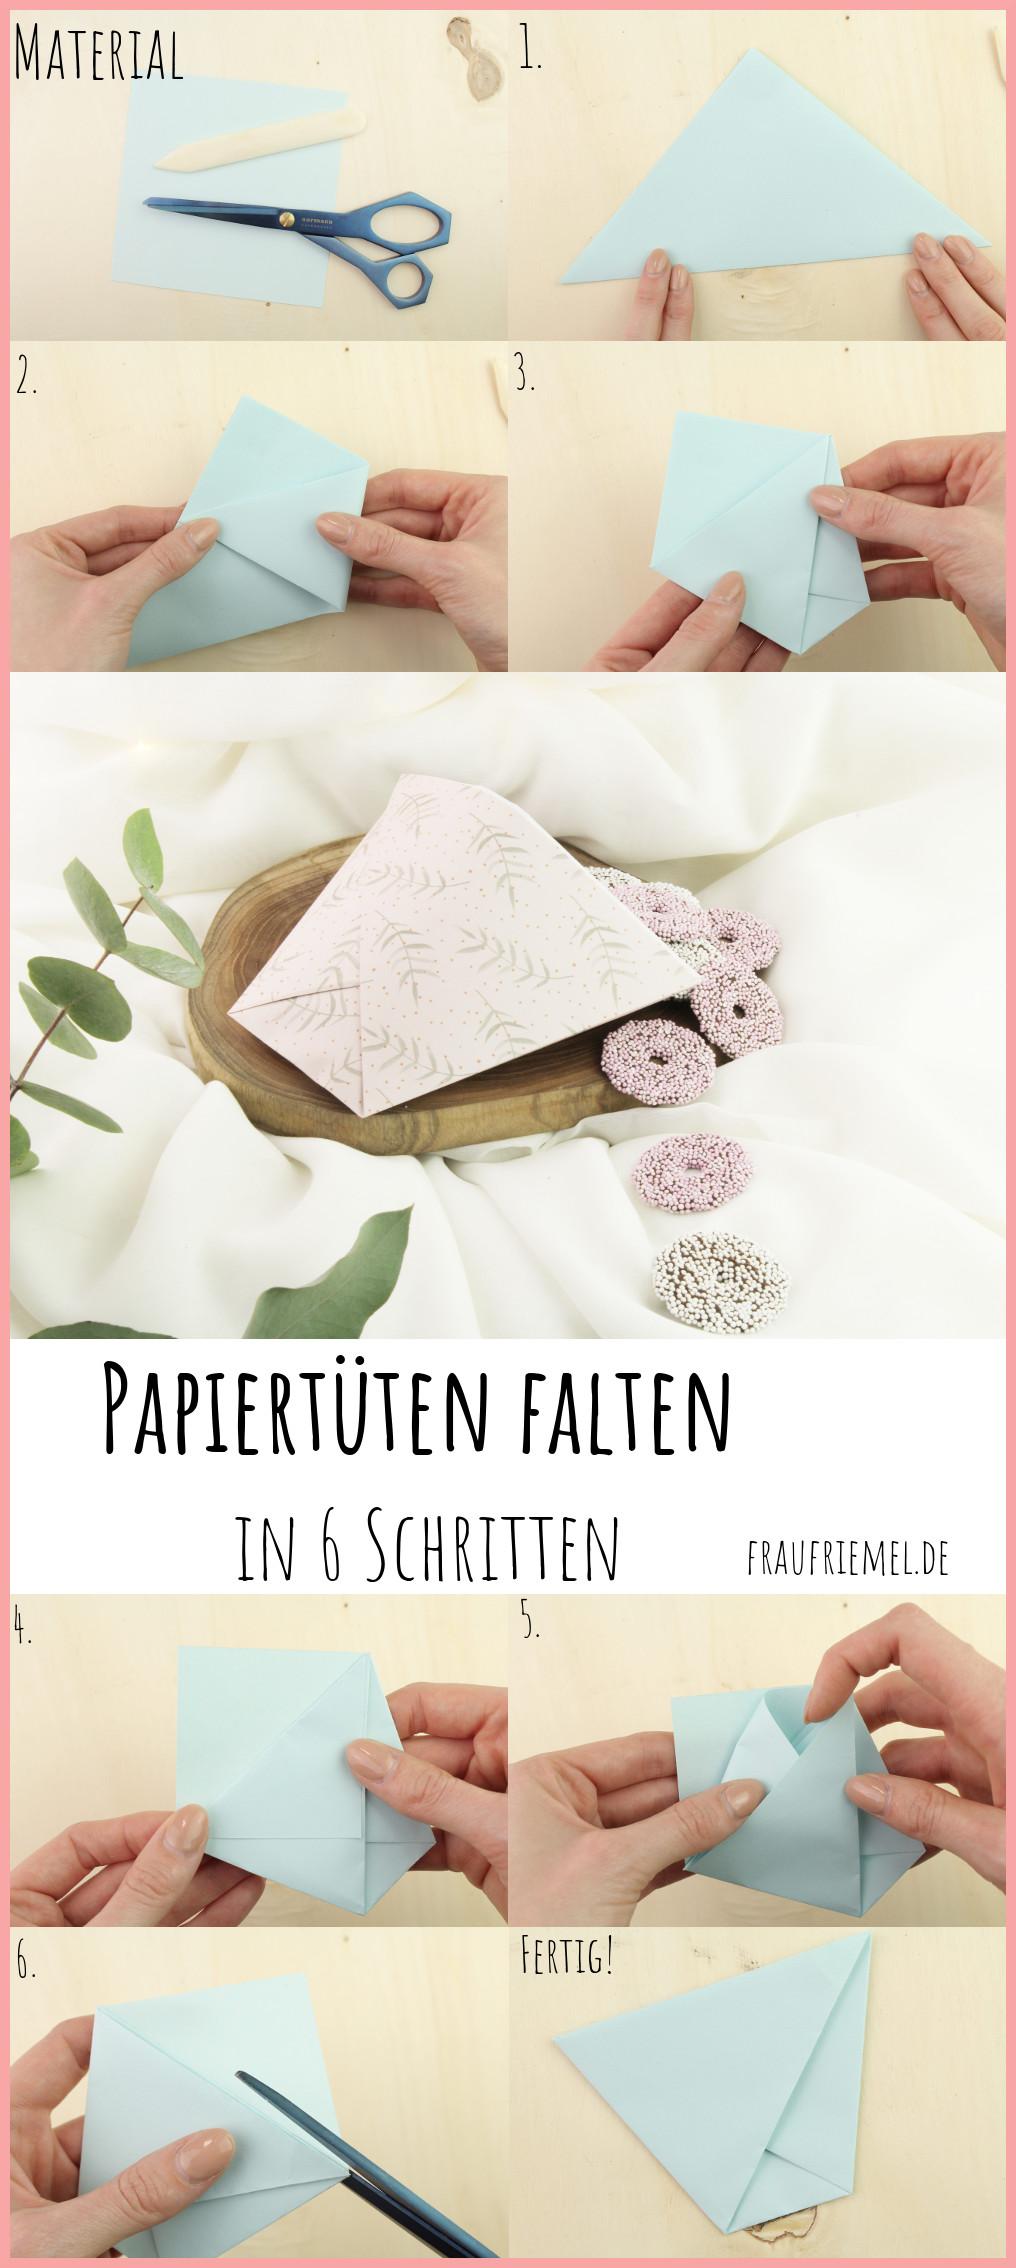 Sehr Papiertüte falten - günstig, einfach & schön | frau friemel TP92